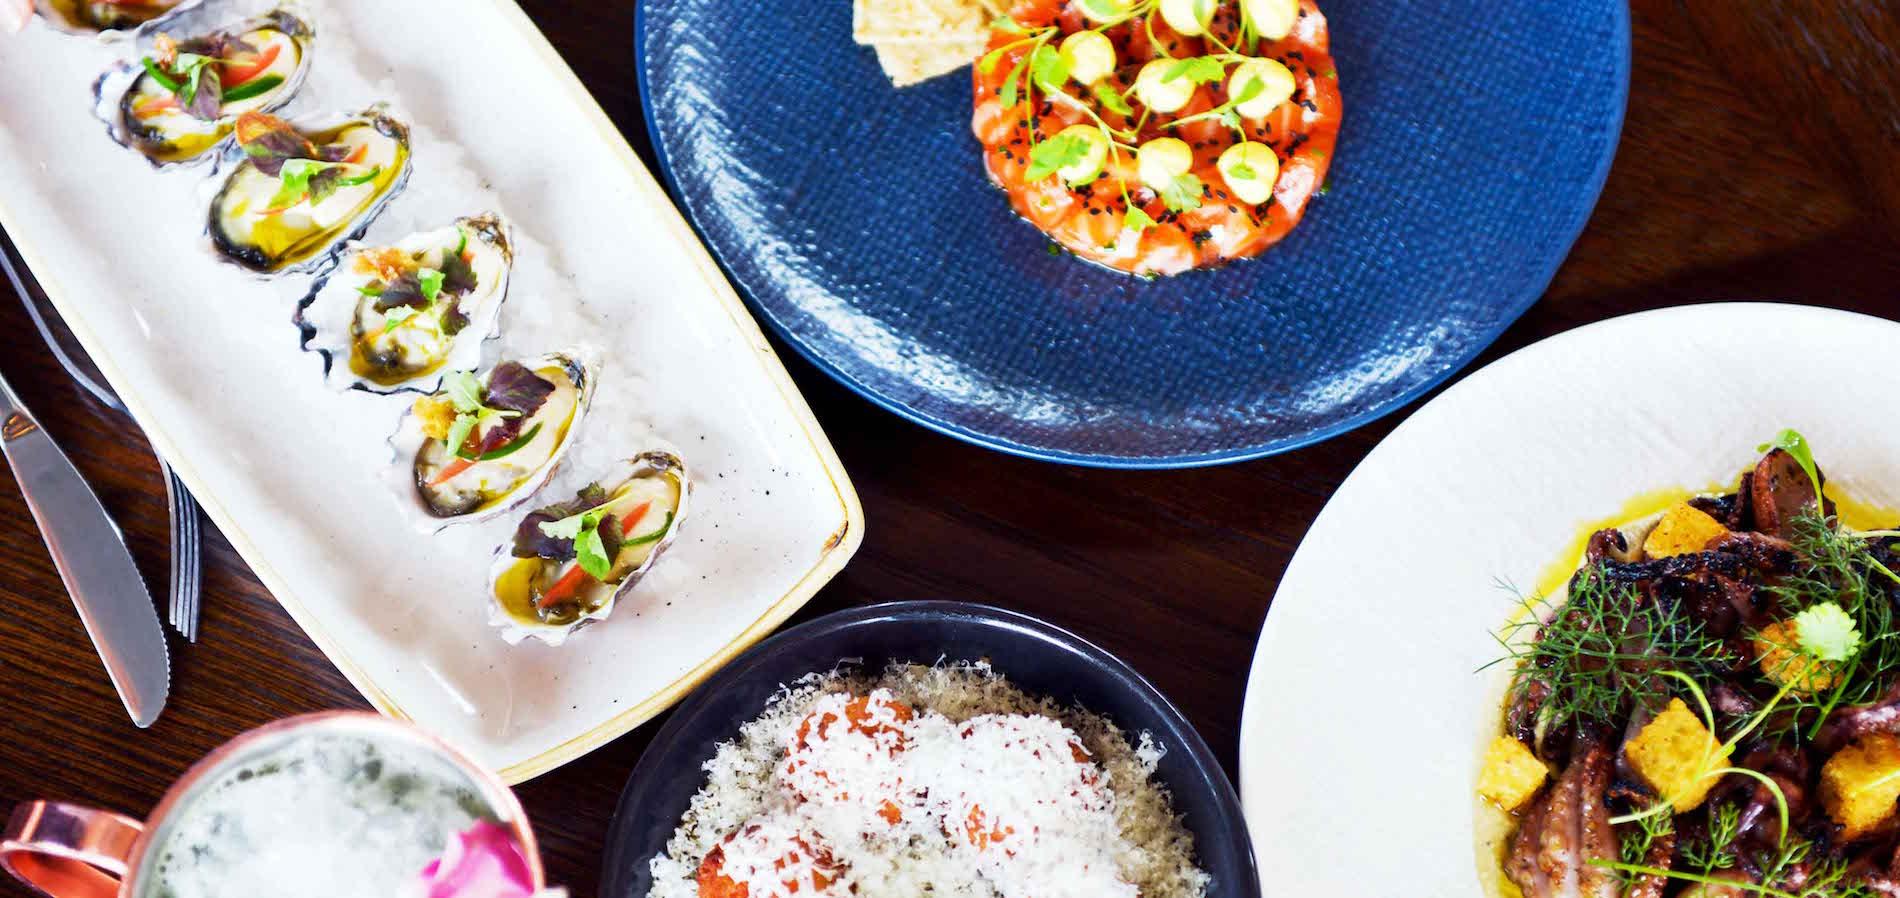 Hacienda Sydney's new menu